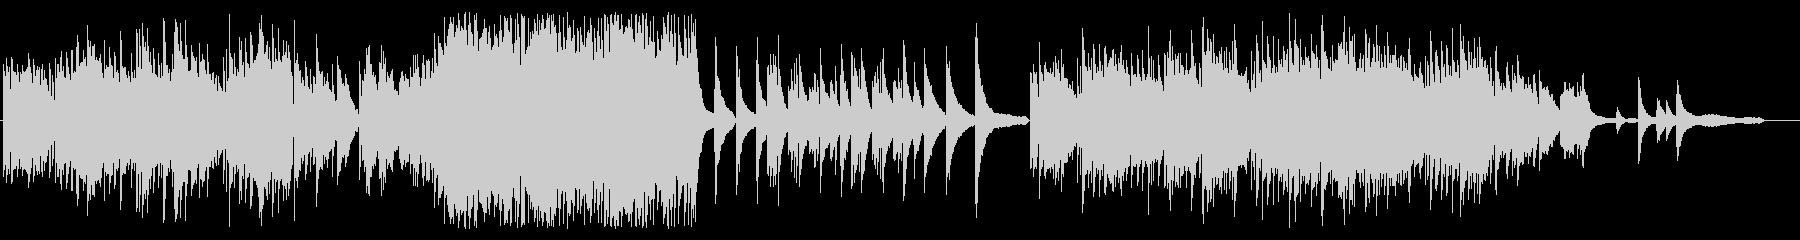 激しくも切ないピアノバラードの未再生の波形